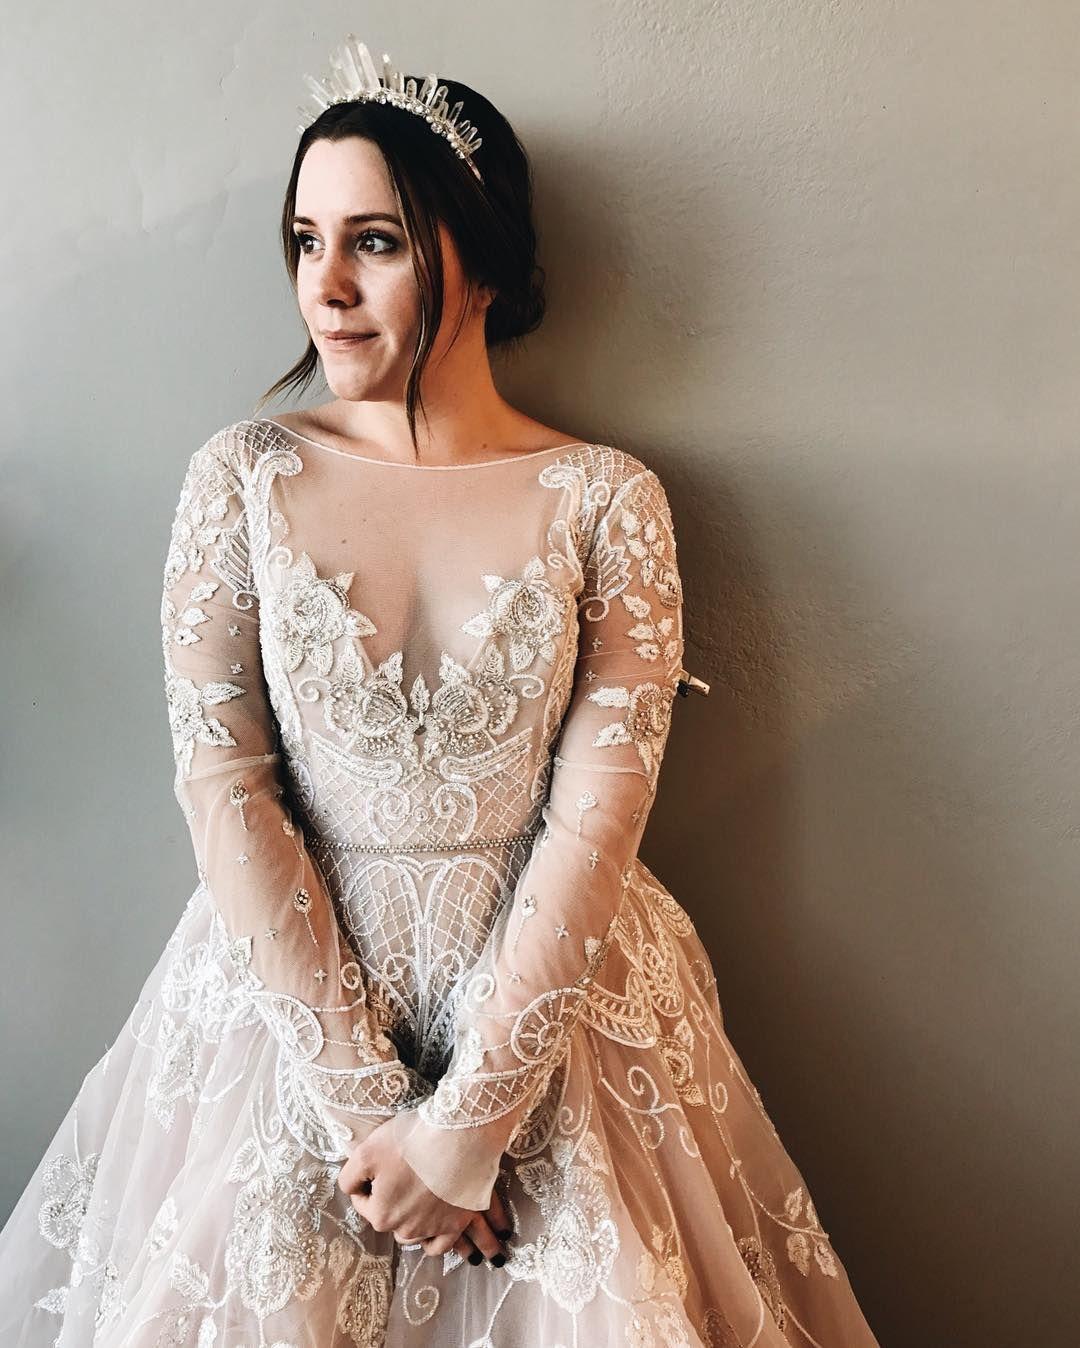 """17 likerklikk, 1 kommentarer – a & bé bridal shop (@aandbe_bridalshop) på Instagram: """"crystals and sparkles from @emmakatzkabridal + @misshayleypaige"""""""